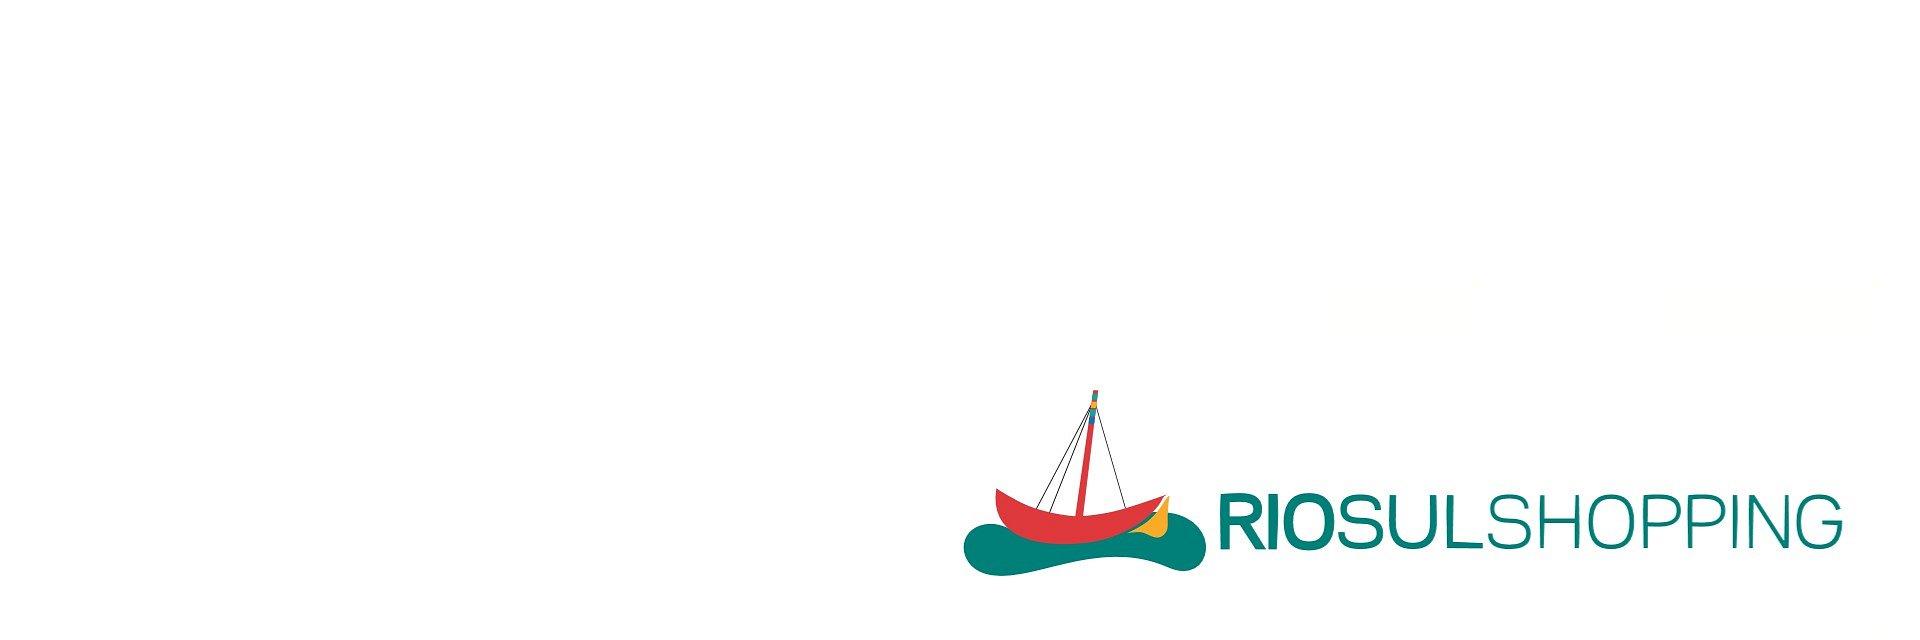 O melhor da costura vai acontecer no RioSul Shopping